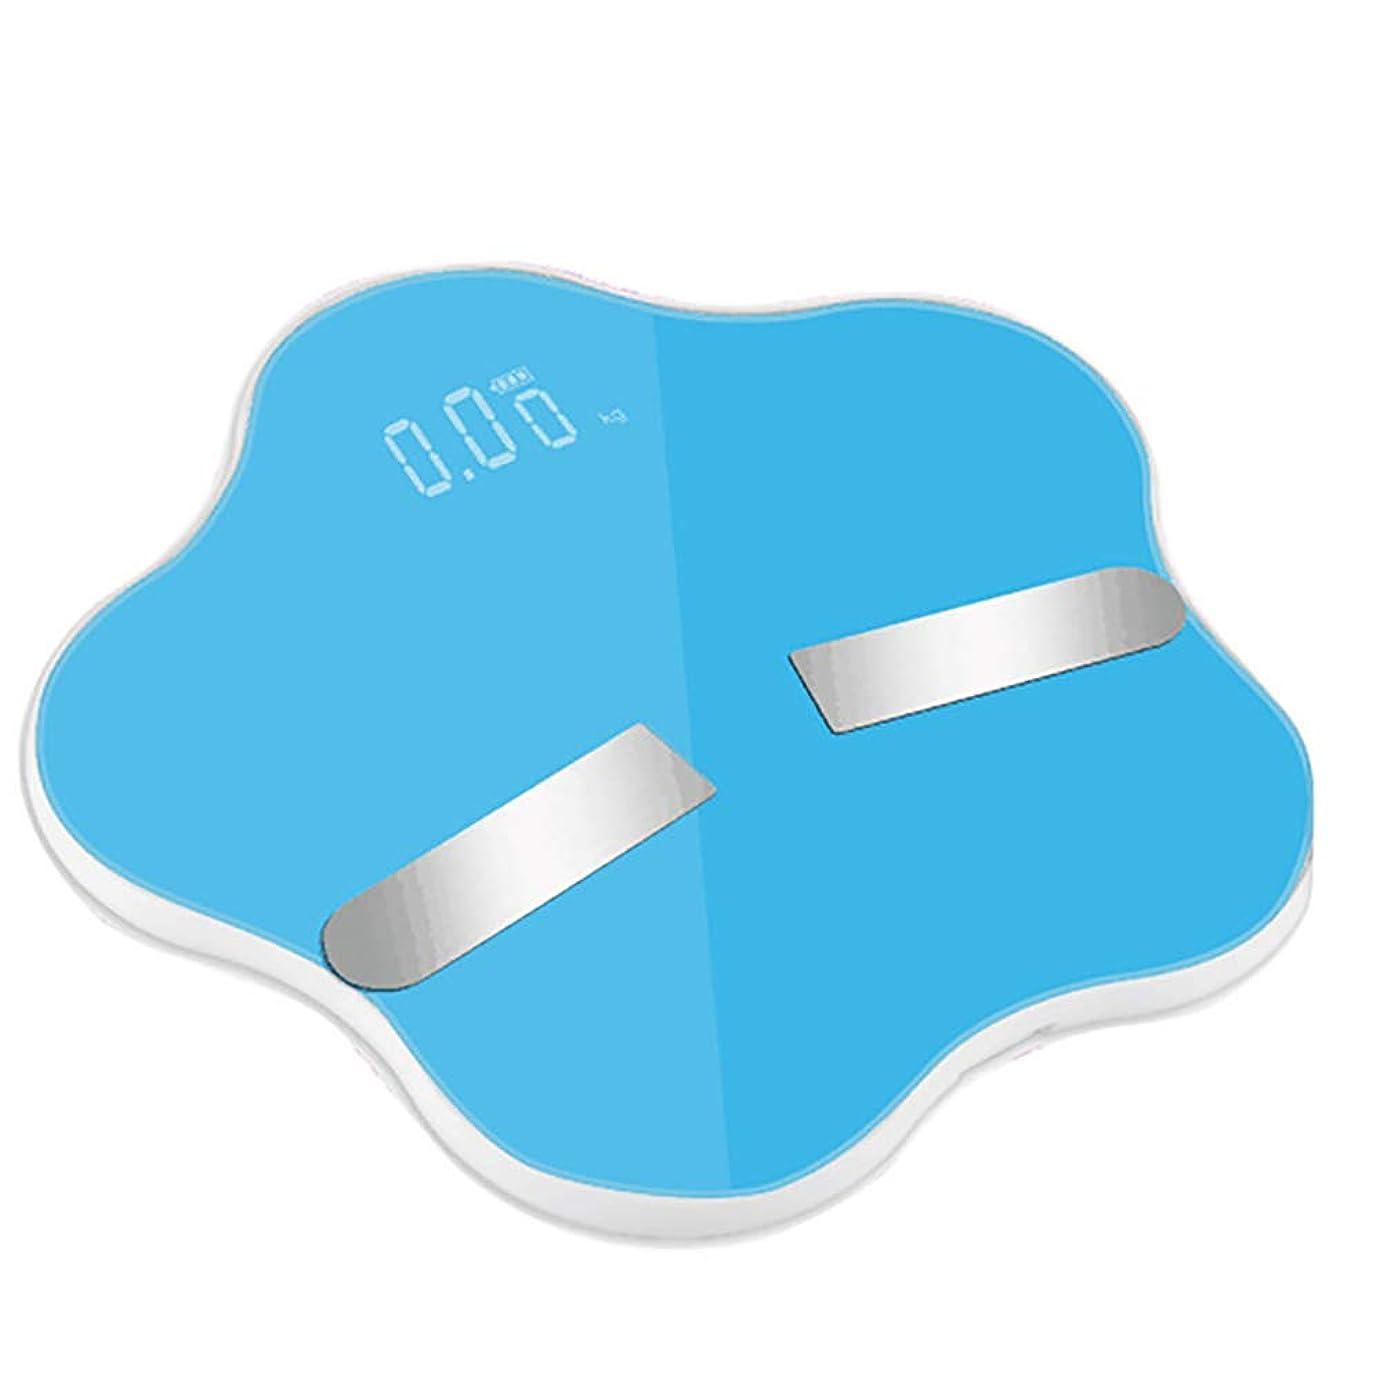 衣装間に合わせ戦術スマートスケールホームBluetoothデジタル計量スケール電子スケール精密Bmiスケールデジタルスケール重量,Blue